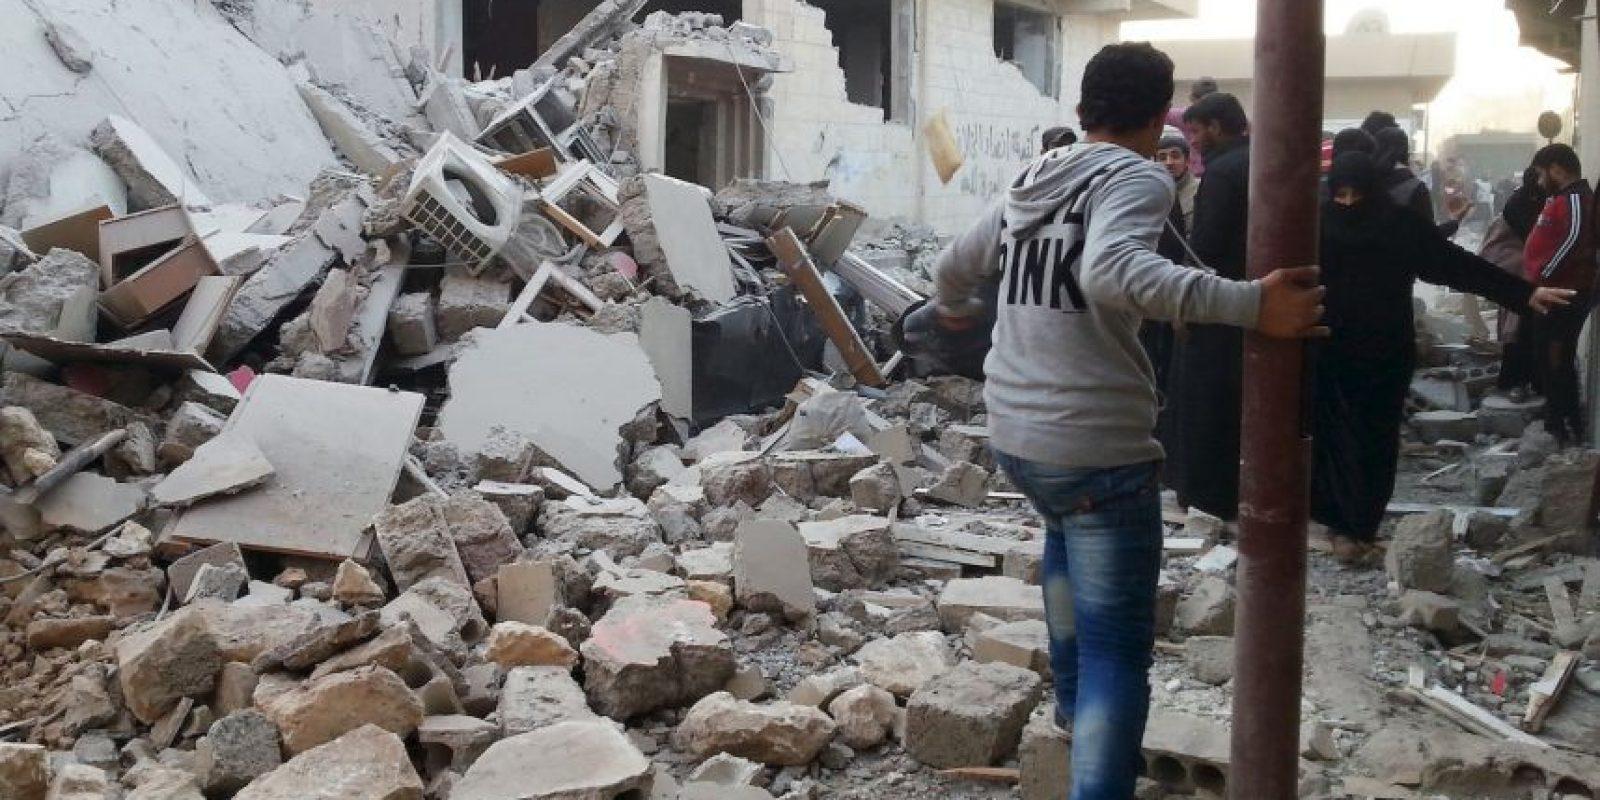 """""""De acuerdo con las enseñanzas del profeta, anunciamos nuestra lealtad hacia el califato, y anunciamos a todos los musulmanes que hagan lo mismo"""", sostuvo uno de los portavoces del grupo egipcio. Foto:AFP"""